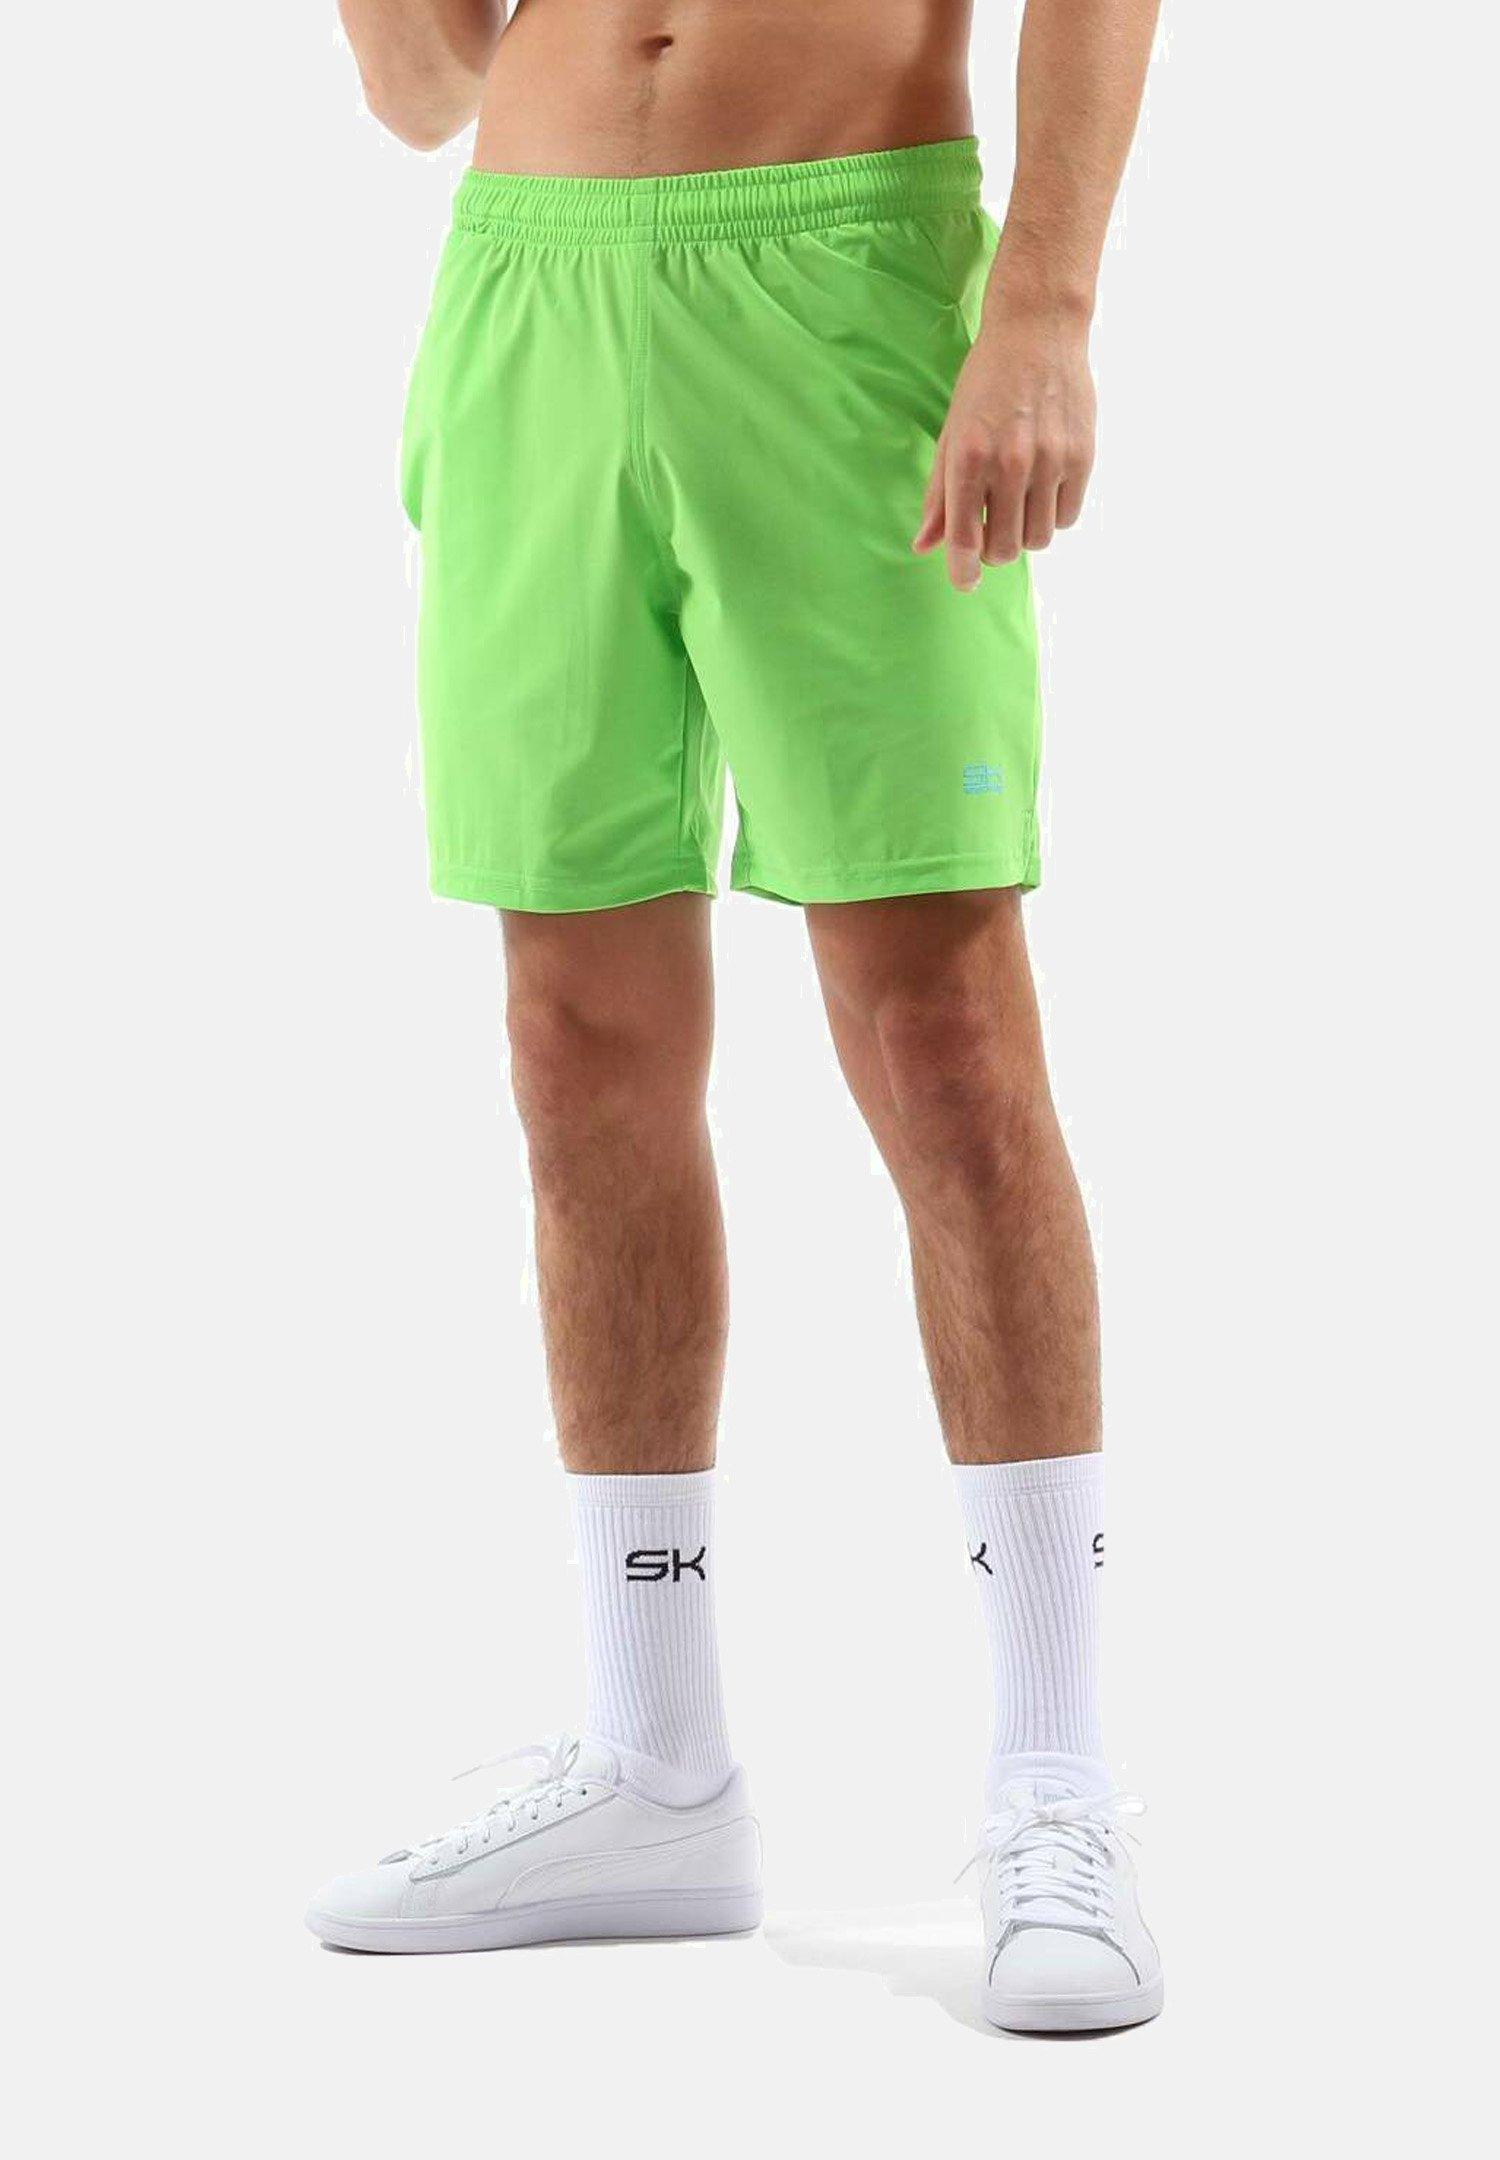 Herren kurze Sporthose